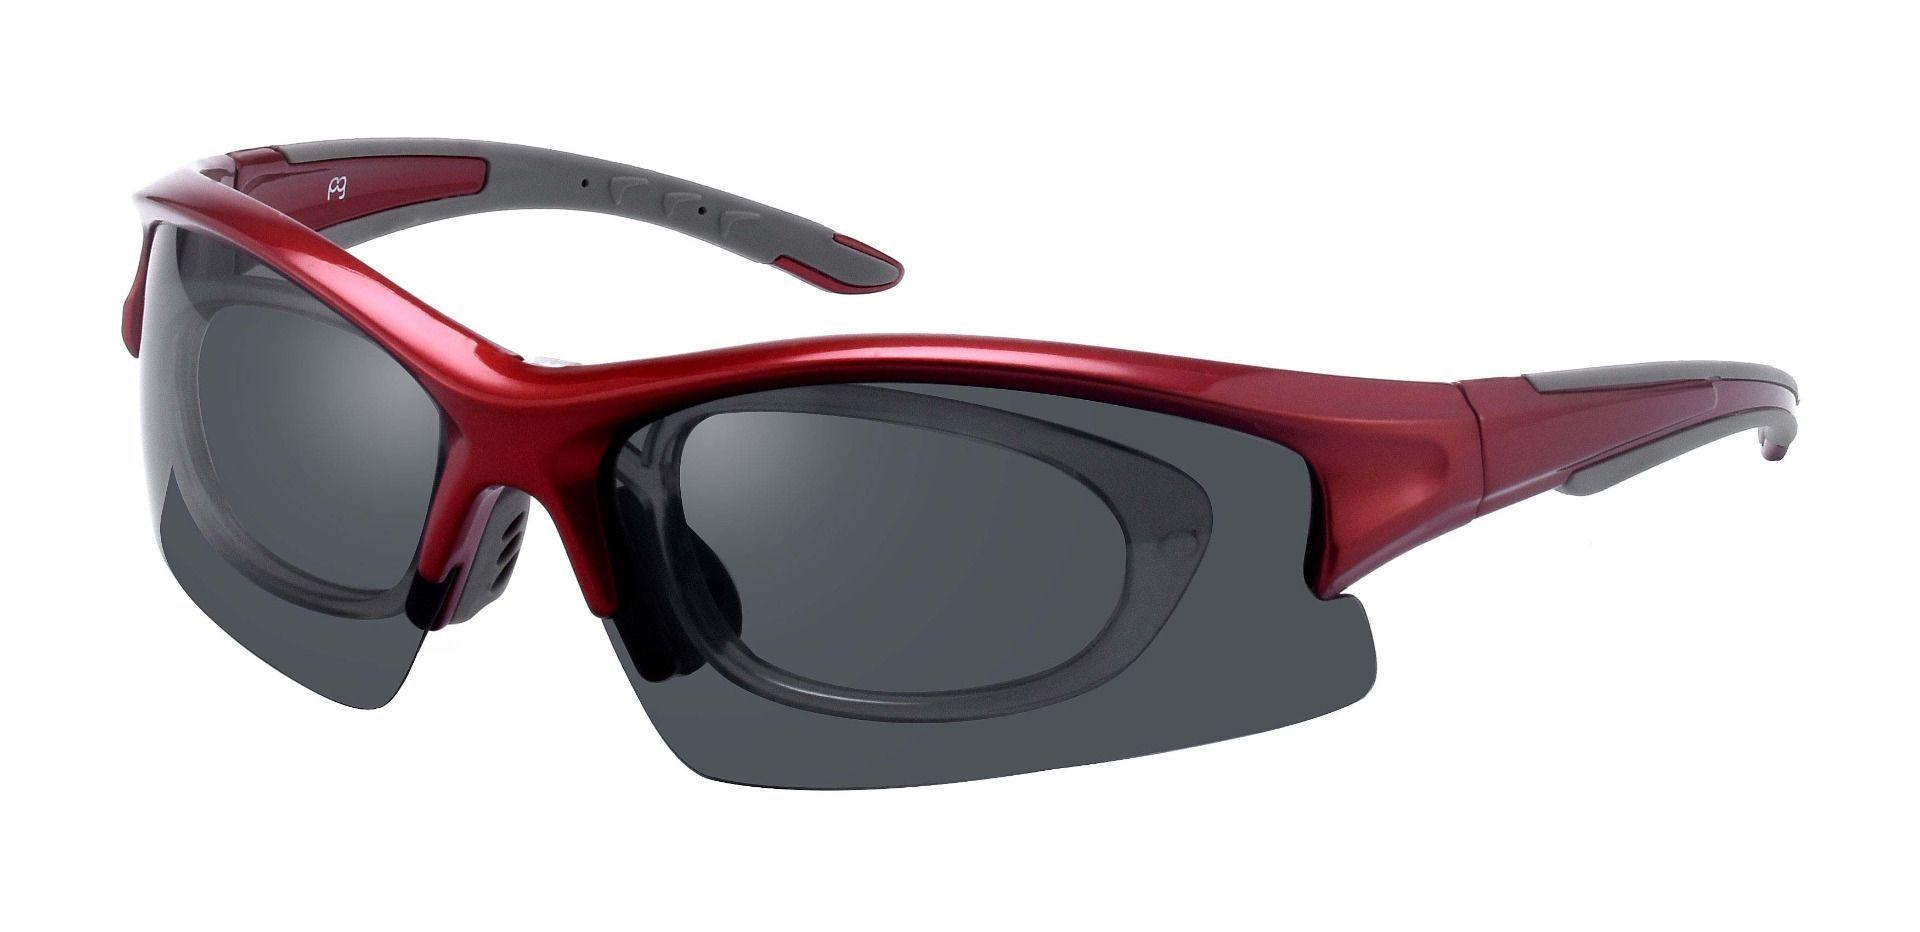 Ashby Sport Glasses Prescription Glasses - Red